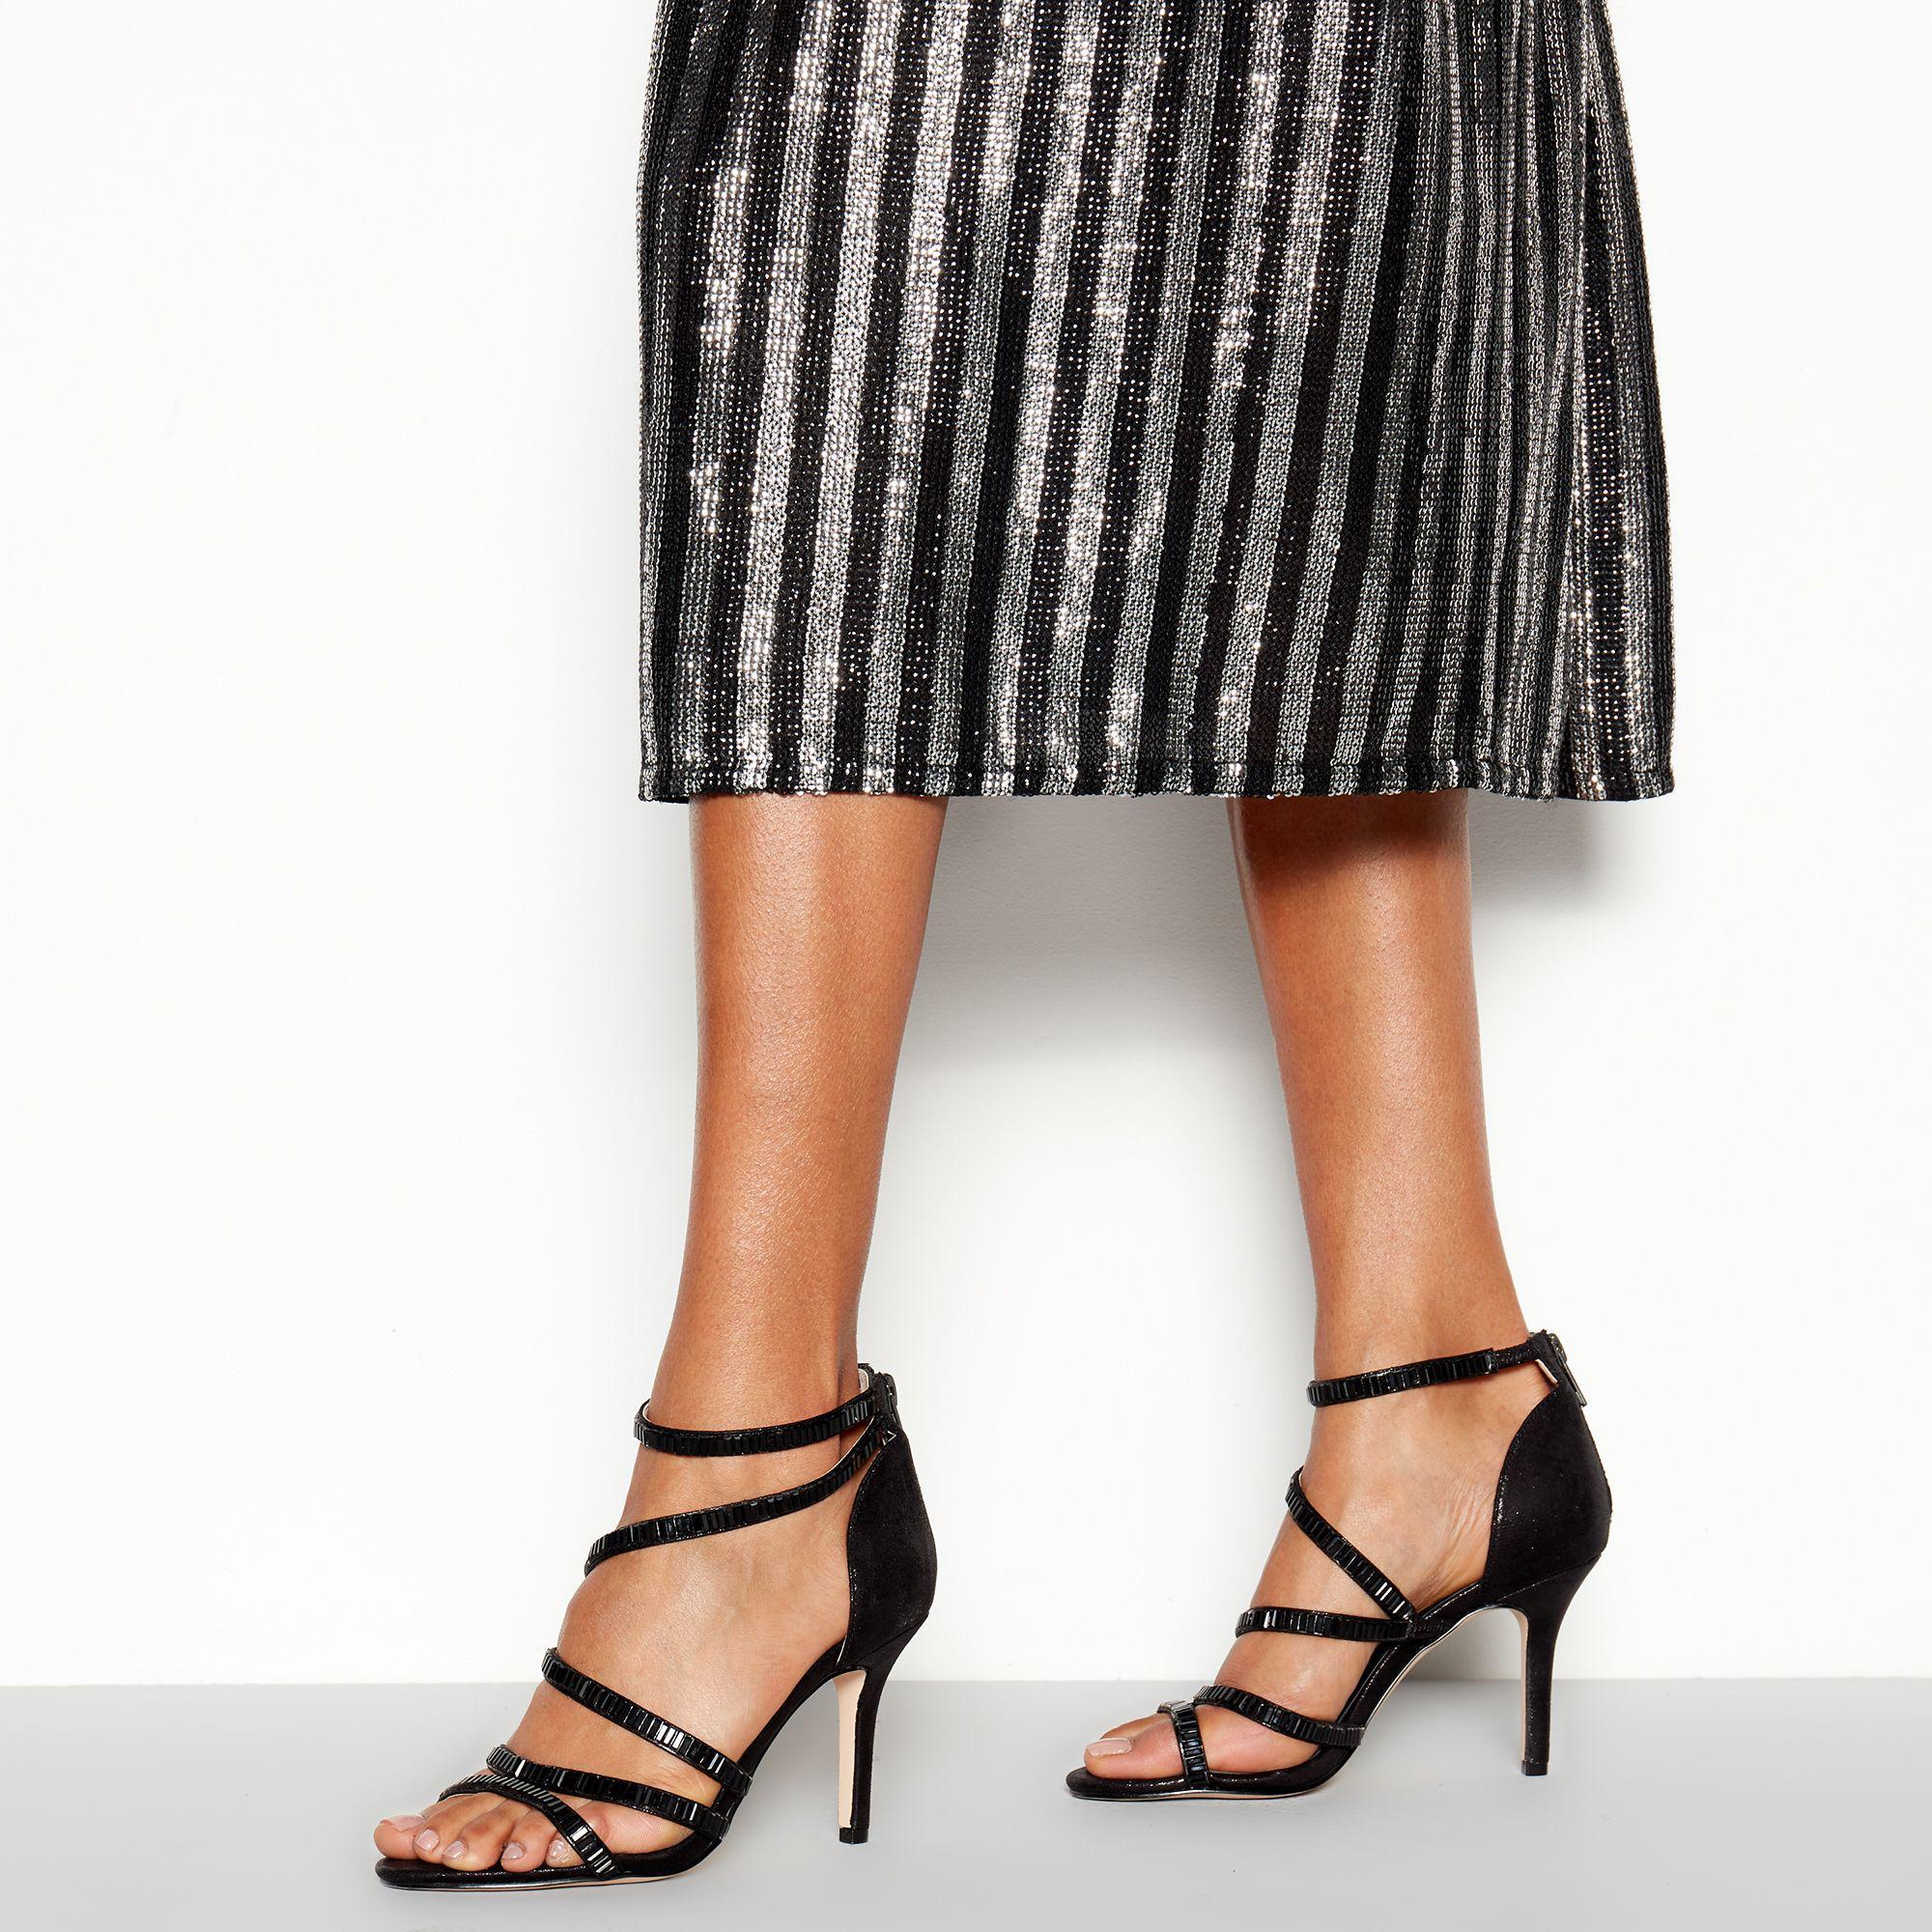 32af483afc Faith Black Embellished 'linea' Stiletto Heel Sandals in Black - Lyst